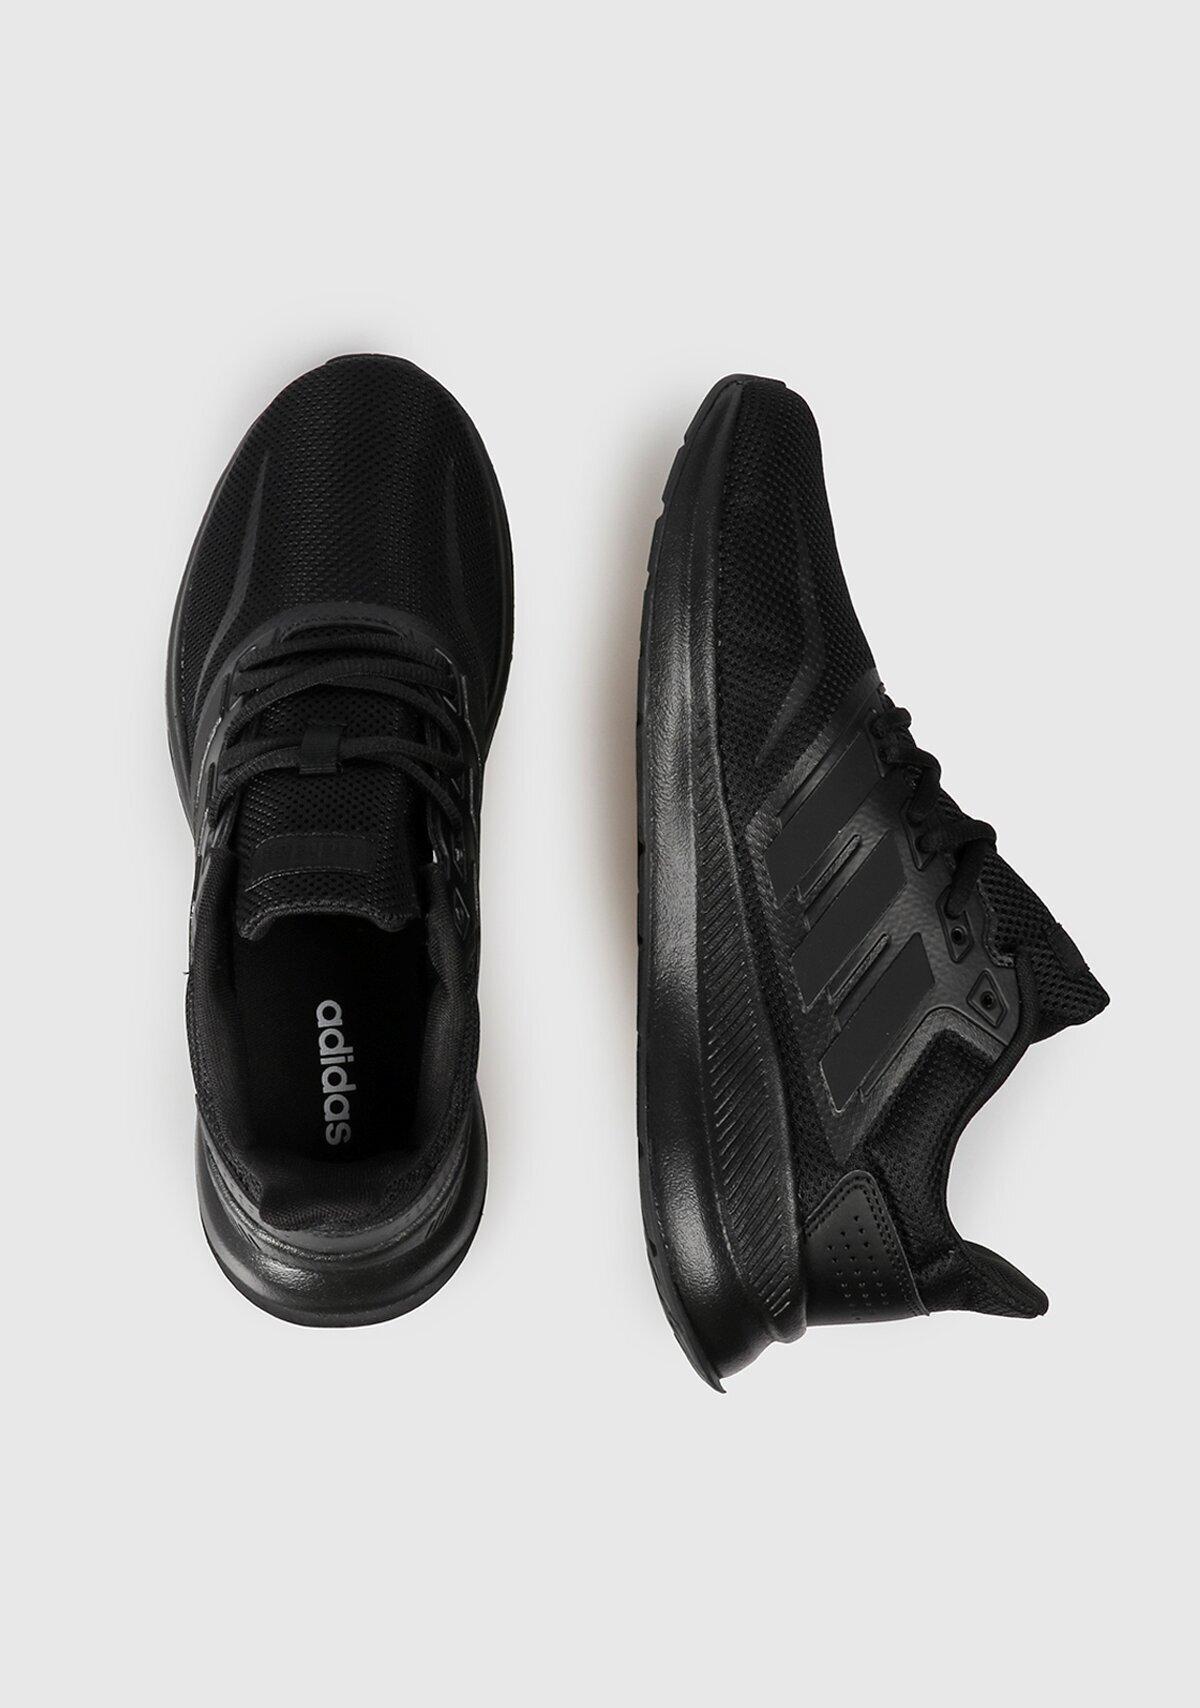 resm Runfalcon Siyah Erkek Koşu Ayakkabısı G28970